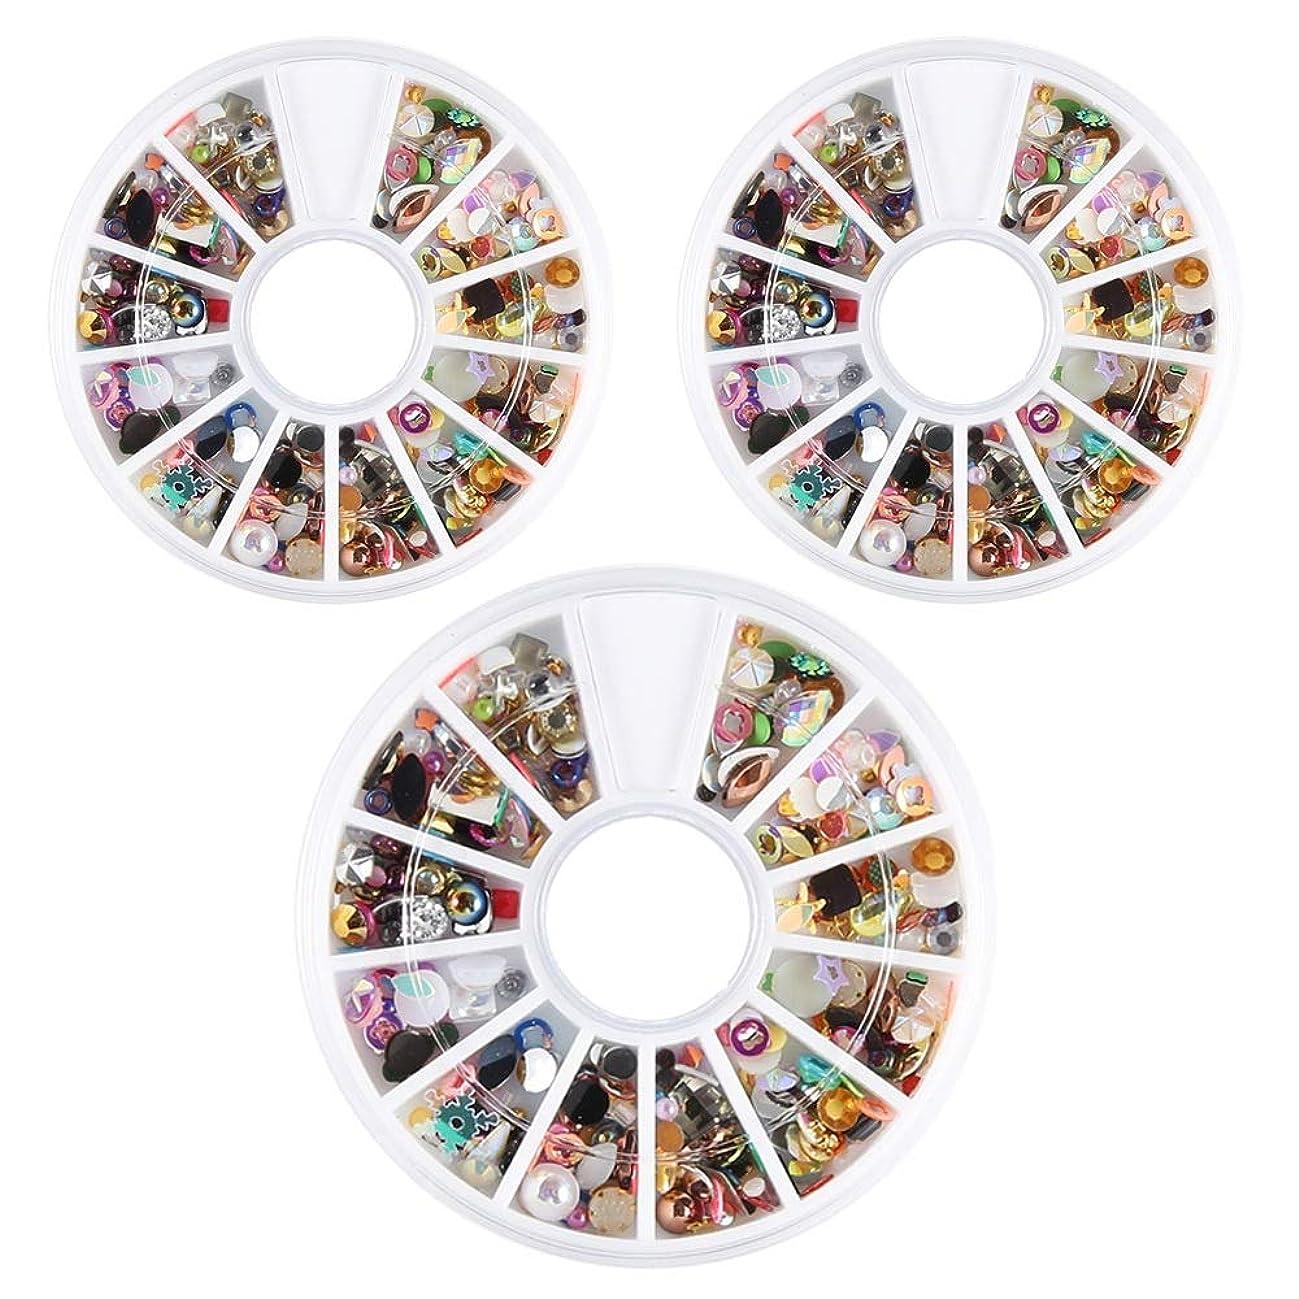 一時停止先見の明不快ネイルパーツ ネイルパーツ 3D ネイルアートデコレーション DIY ネイルデザイン ミックスパーツ カラフルな宝石 3ボックスセット ハンドメイド材料